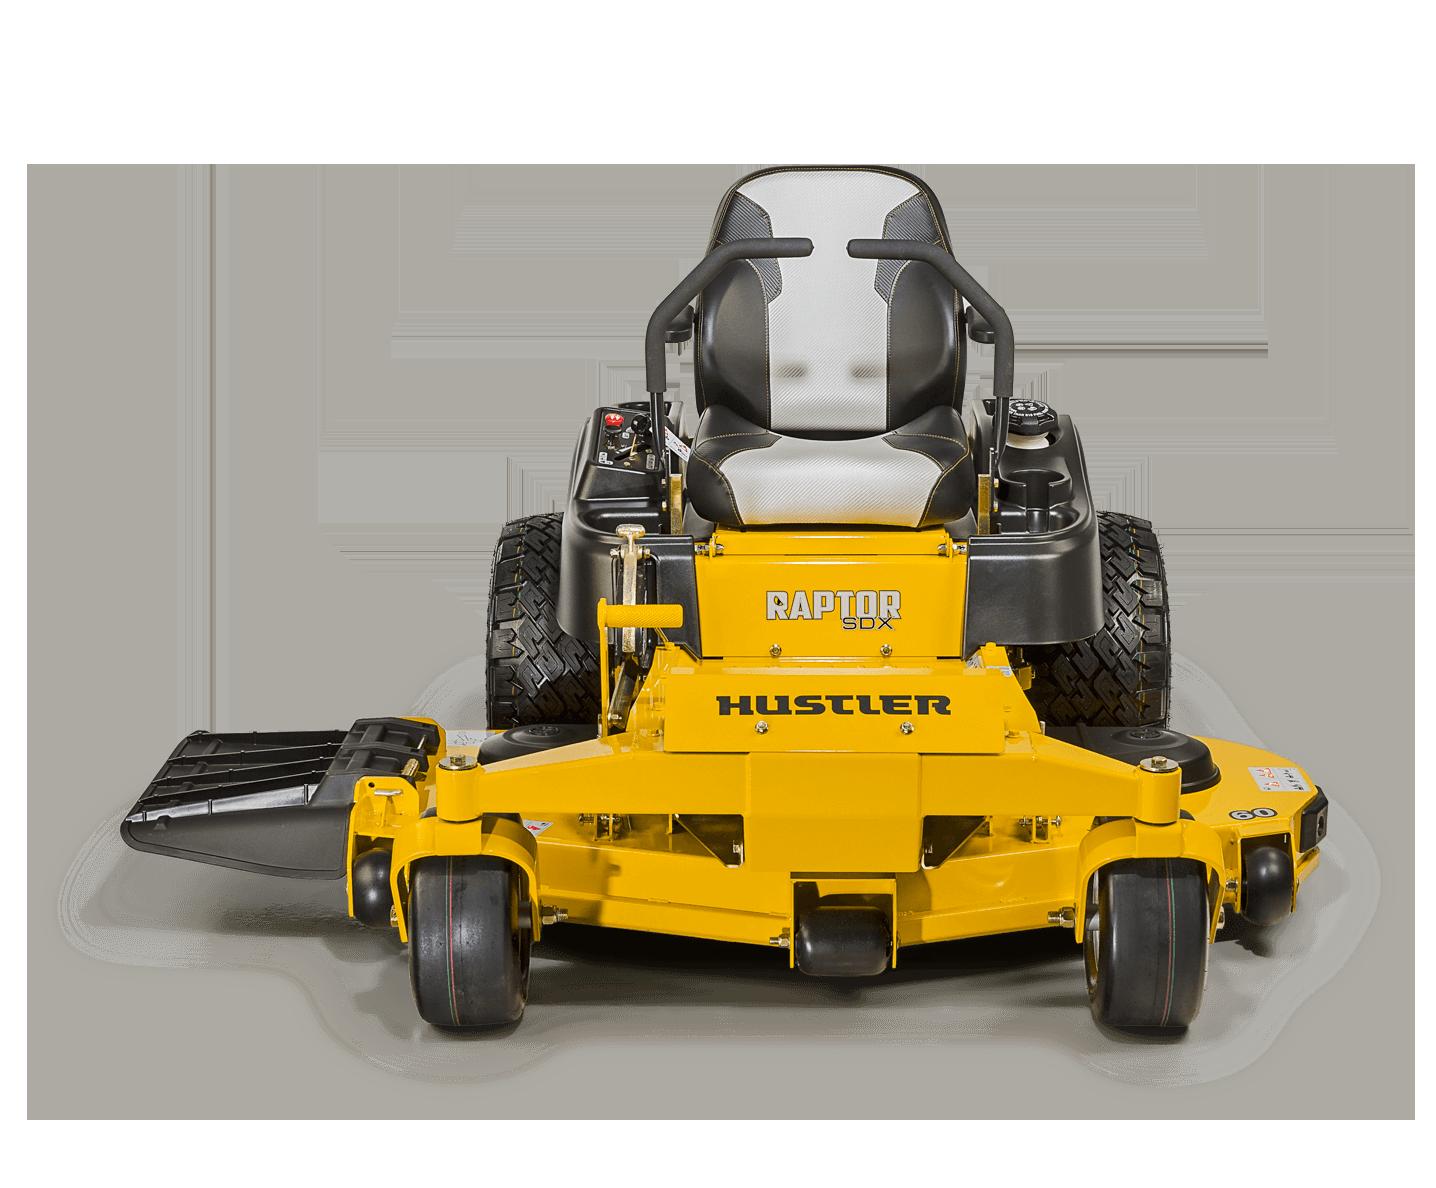 Hustler Raptor zero-turn mower